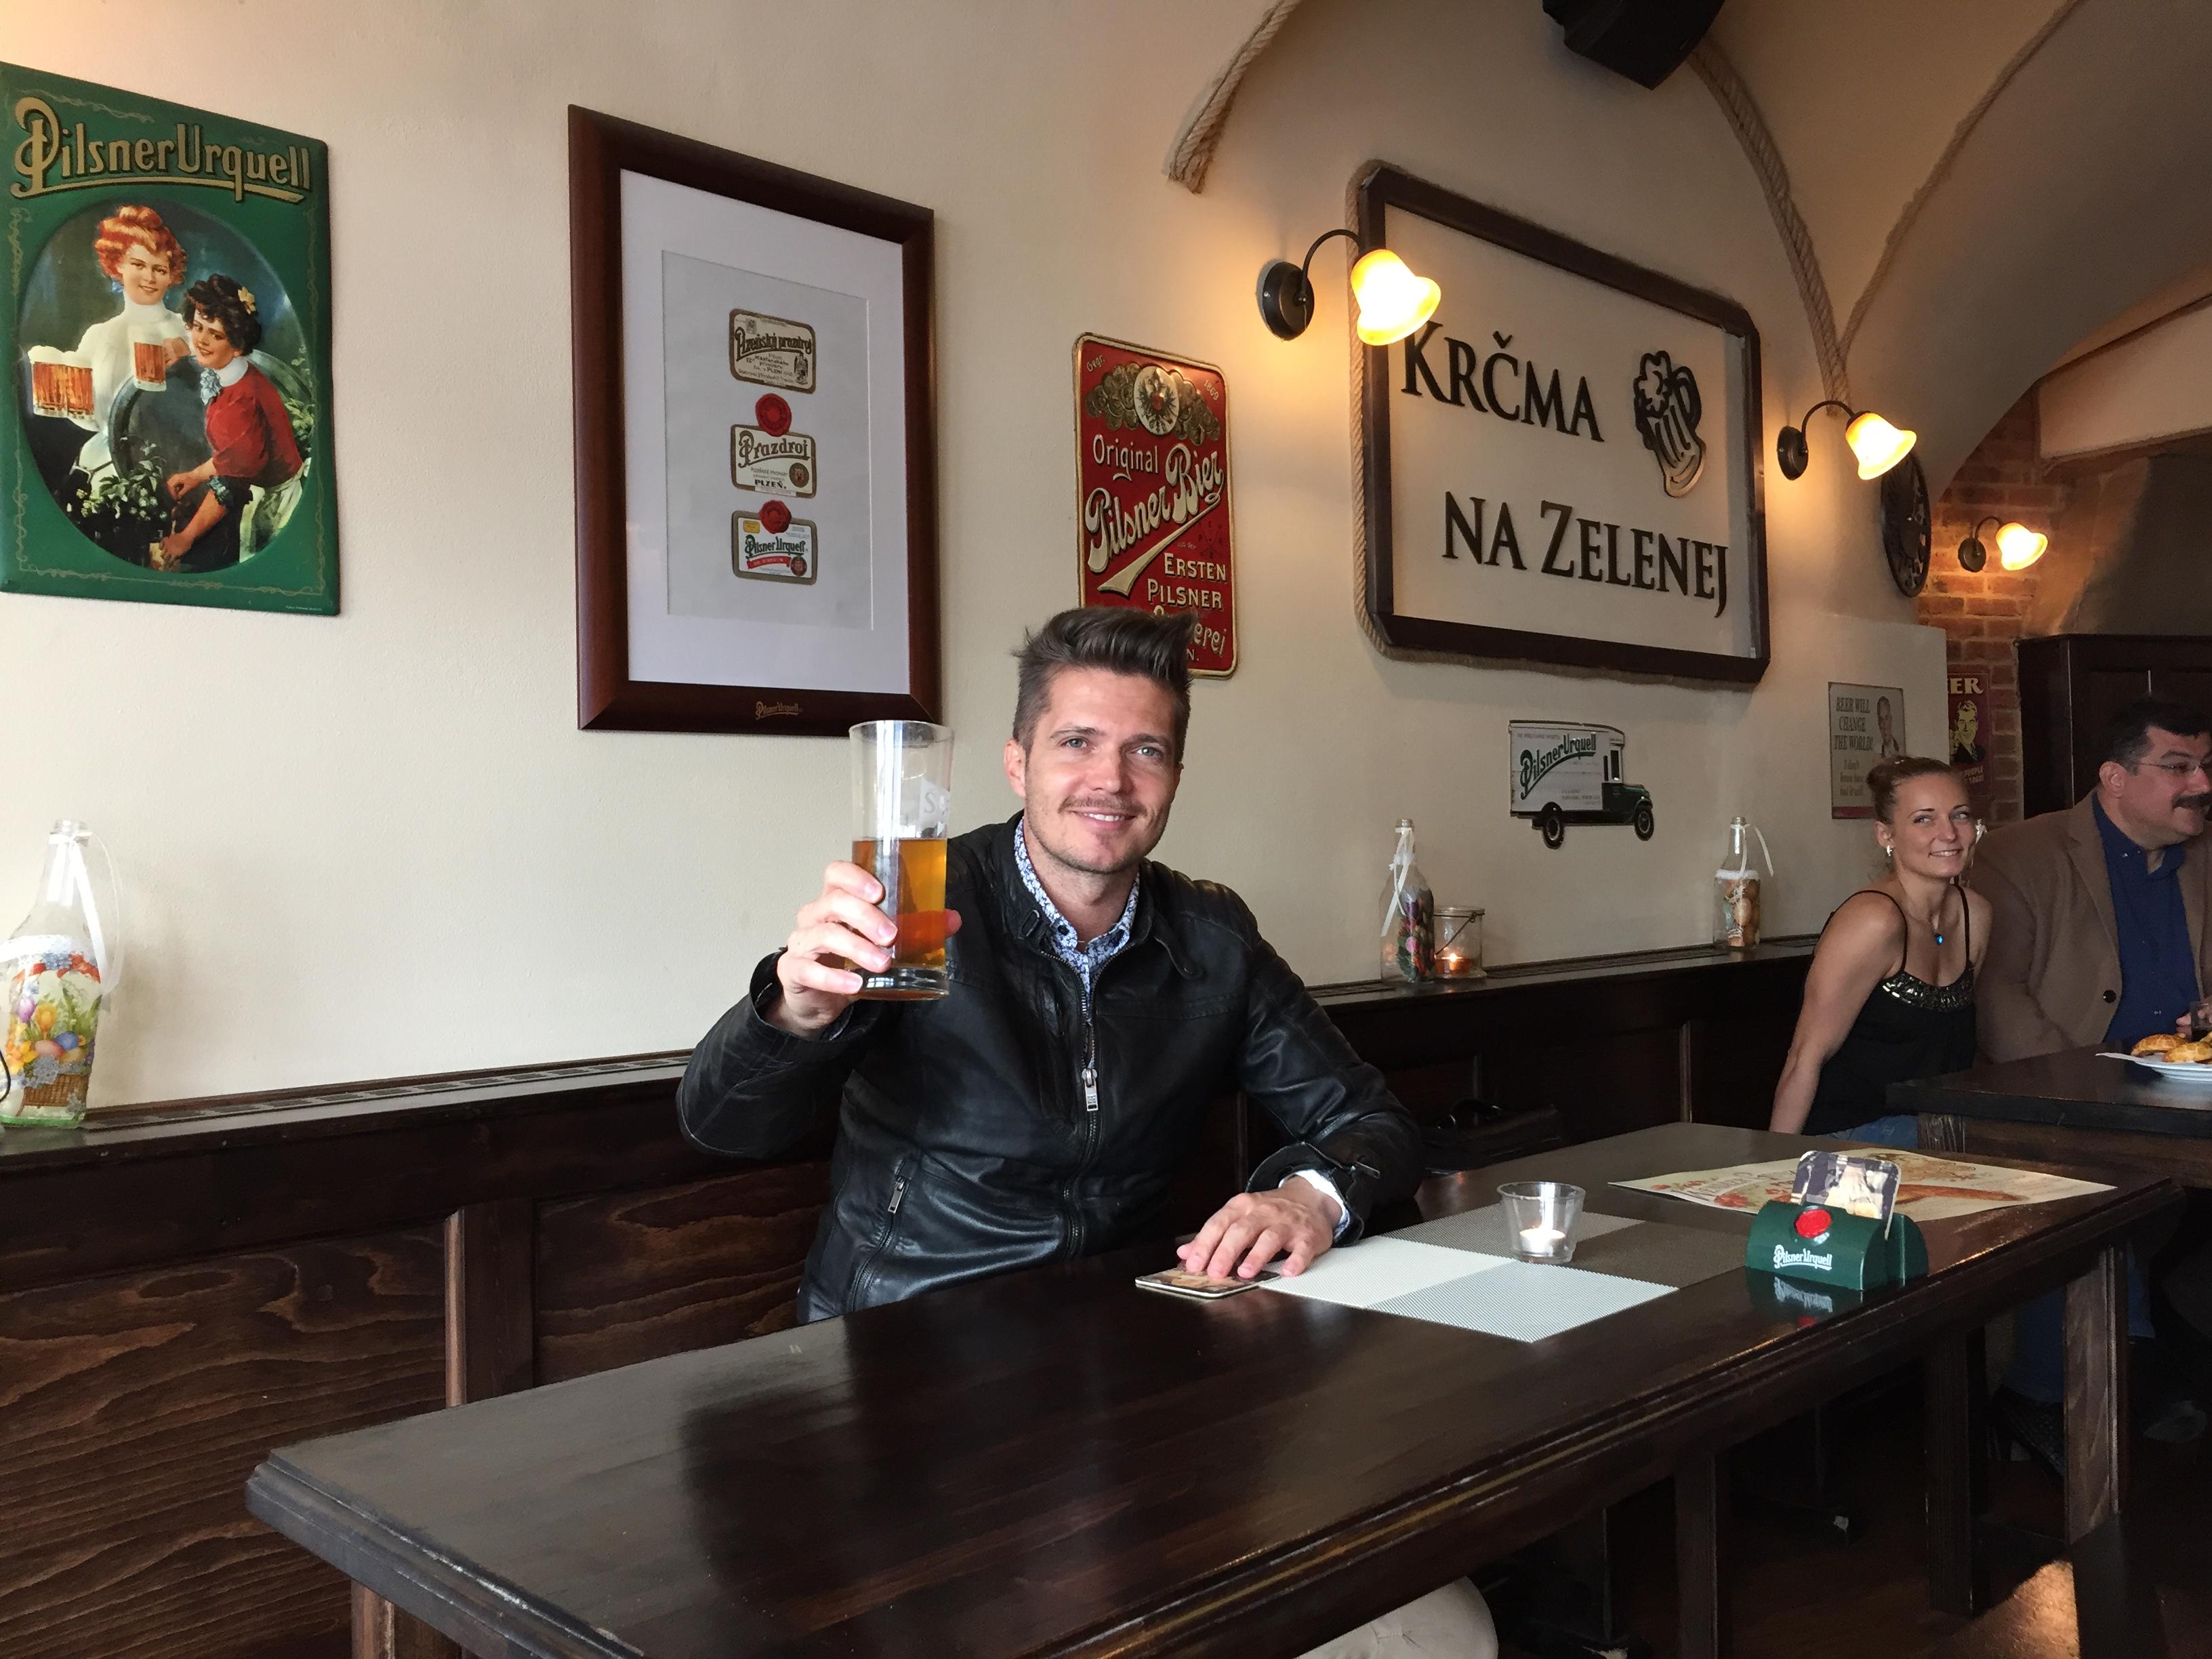 Krcma na Zelenej -  belváros egyik legjobb kocsmája